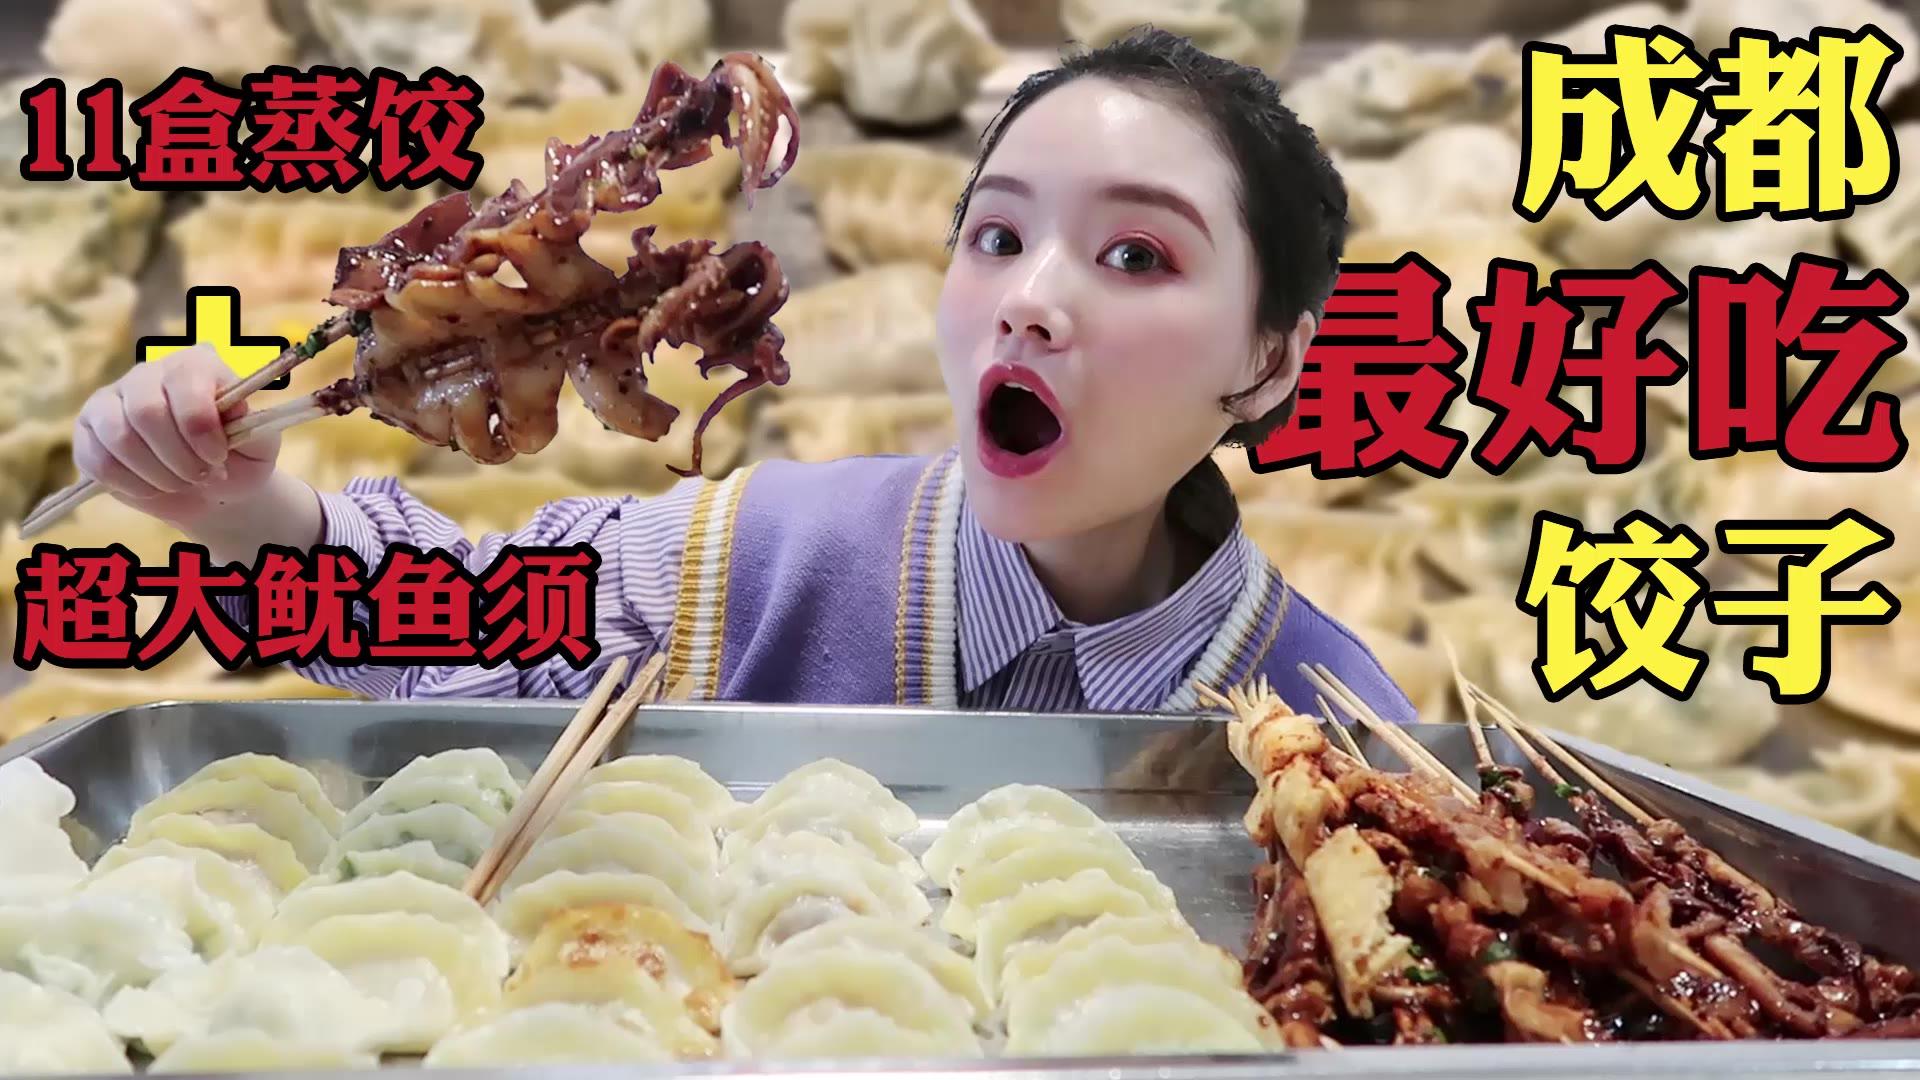 各种口味的饺子,配上鱿鱼,宝藏外卖啊!